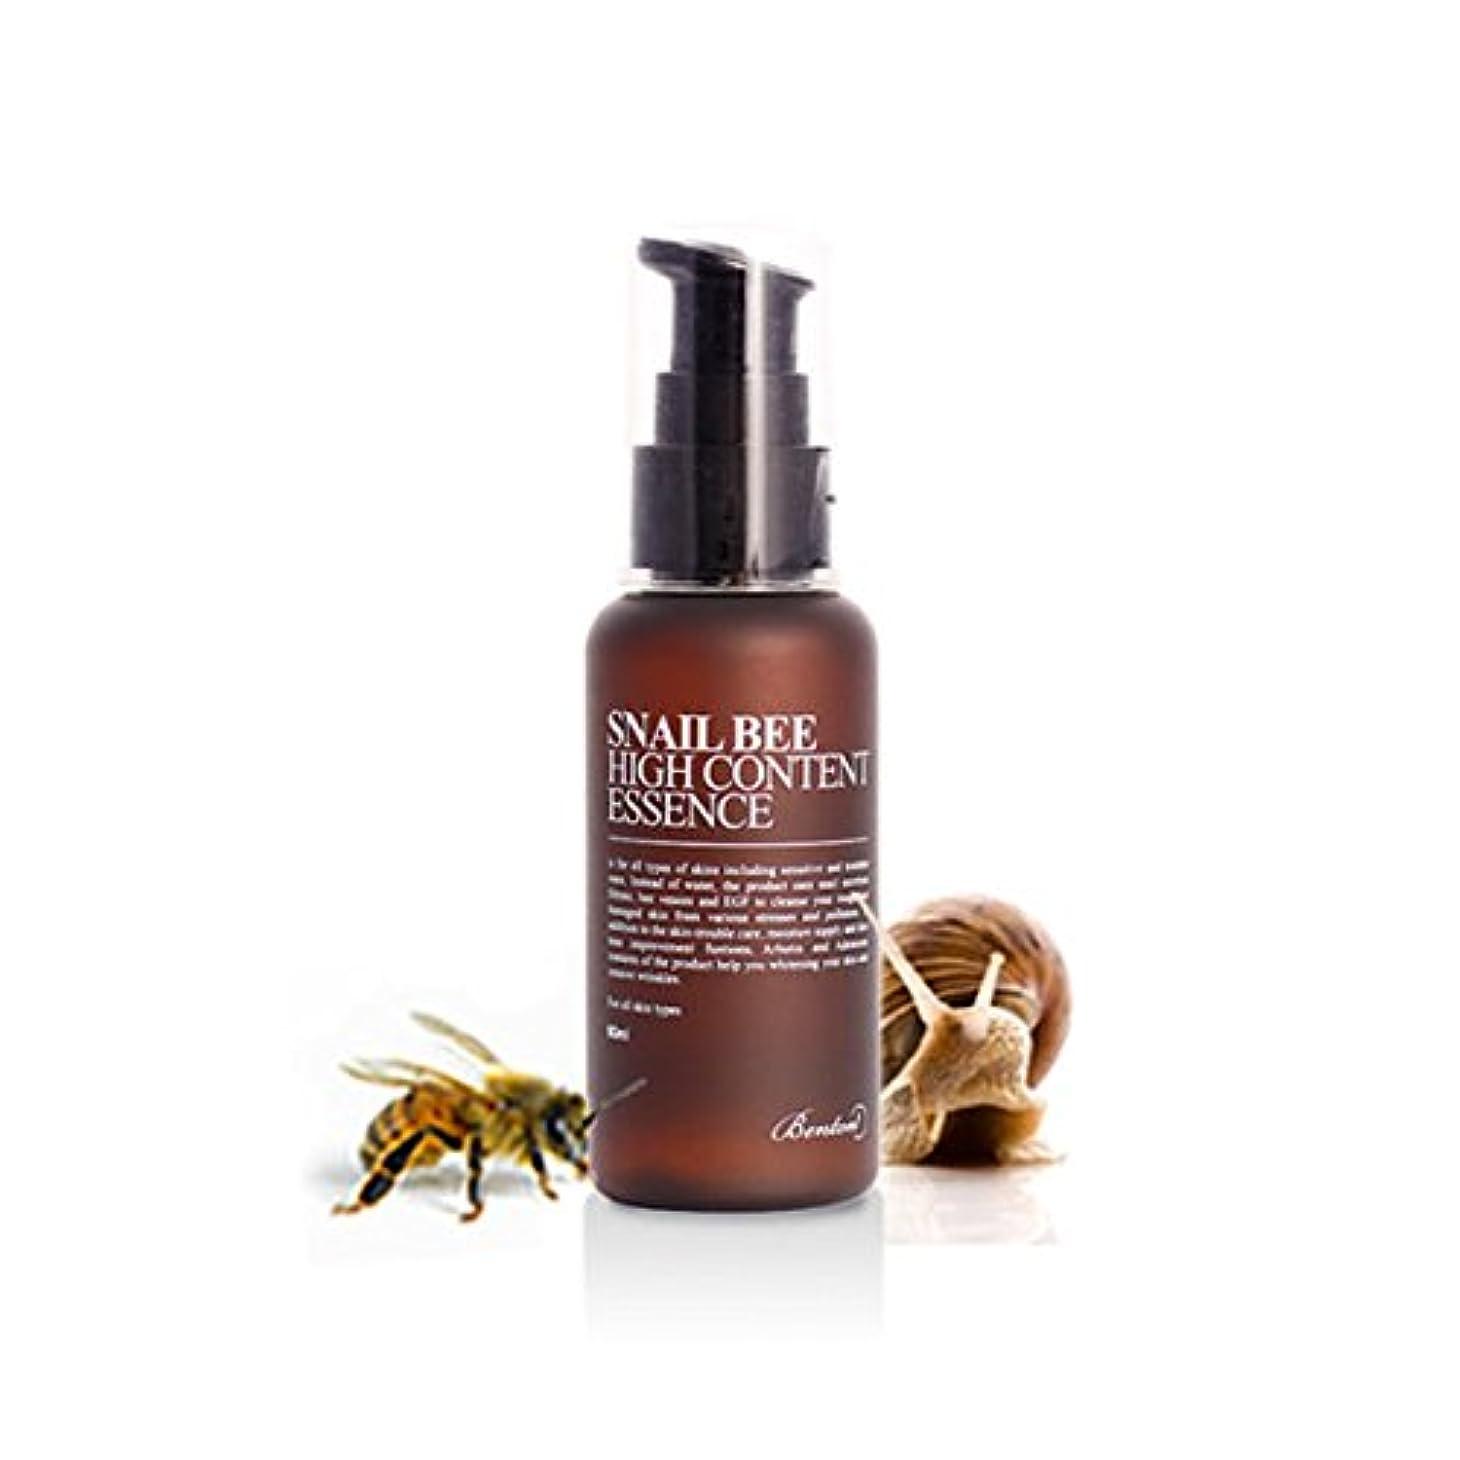 ホースユーザーゲートウェイ[ベントン] Benton カタツムリ蜂ハイコンテンツエッセンス Snail Bee High Content Essence 60ml [並行輸入品]